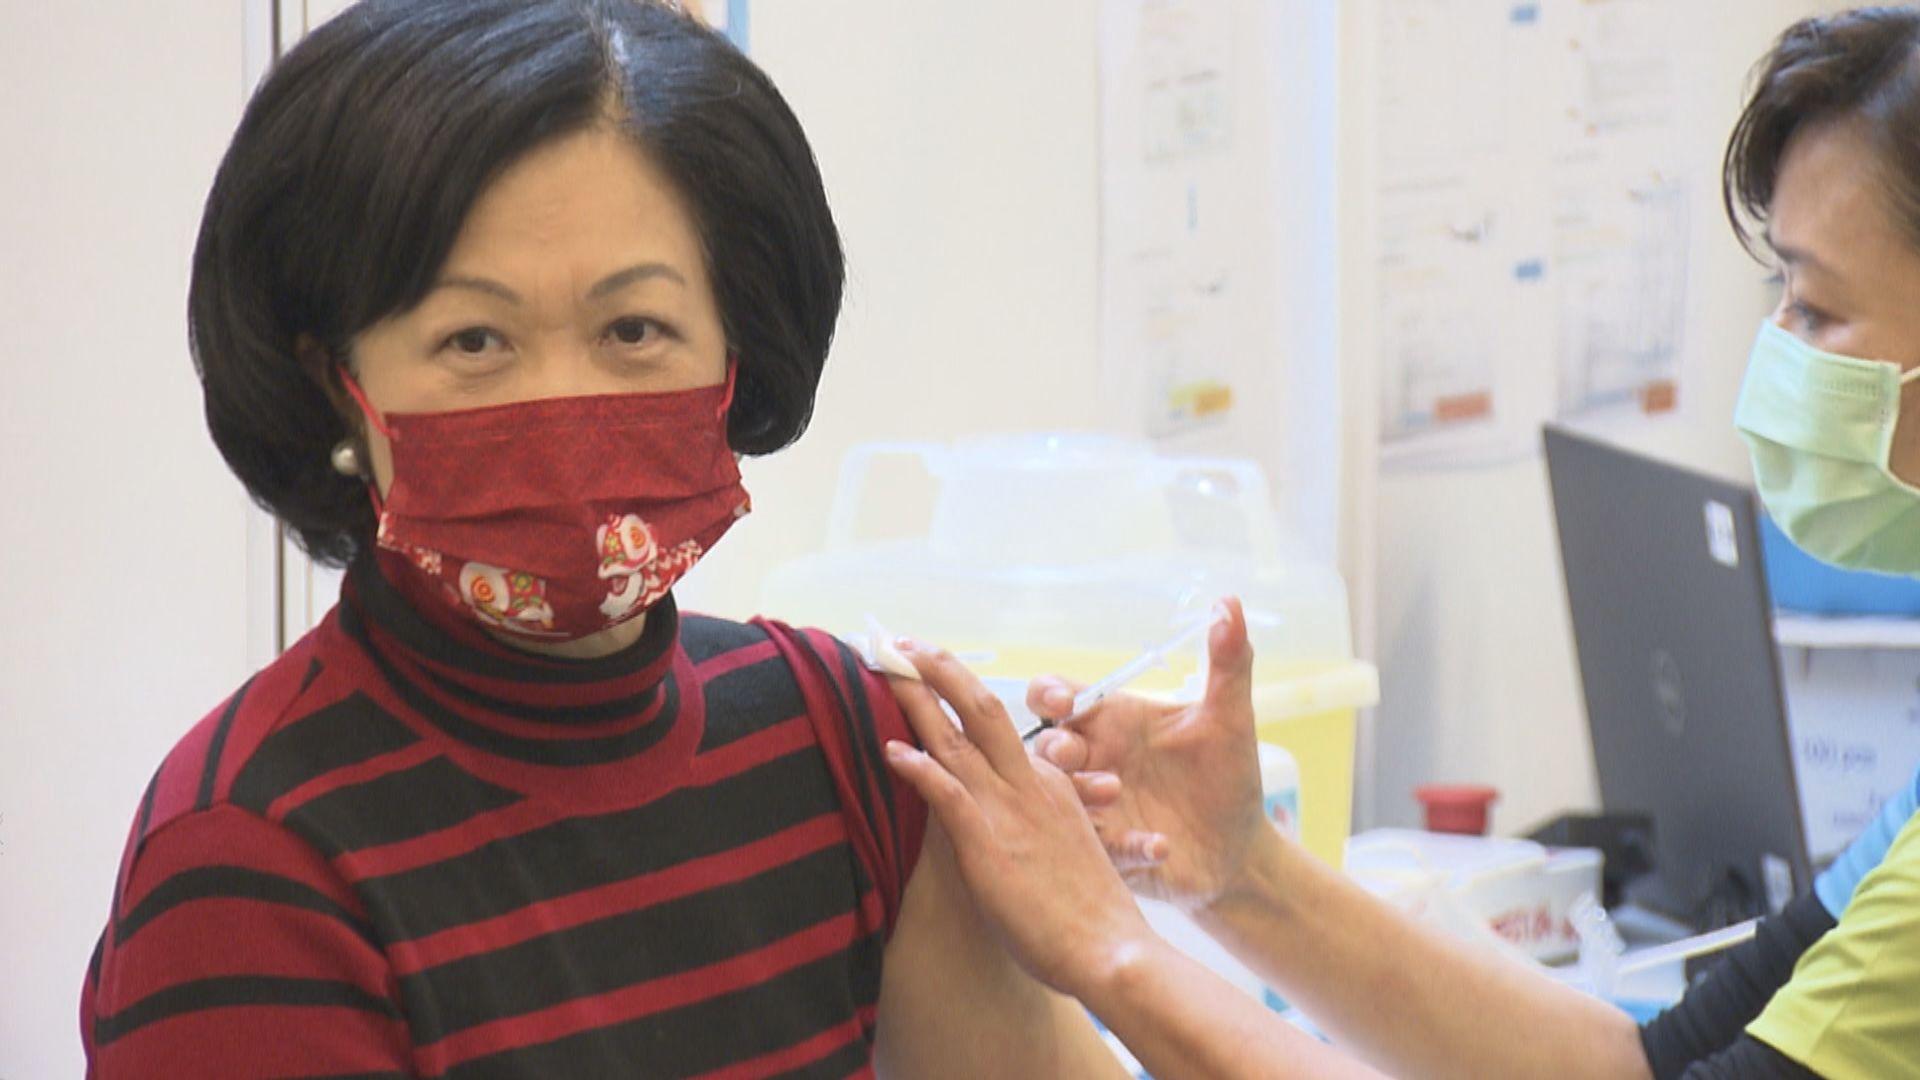 【曾接種科興】葉劉:體內中和抗體水平跌至零 第三針選擇復必泰